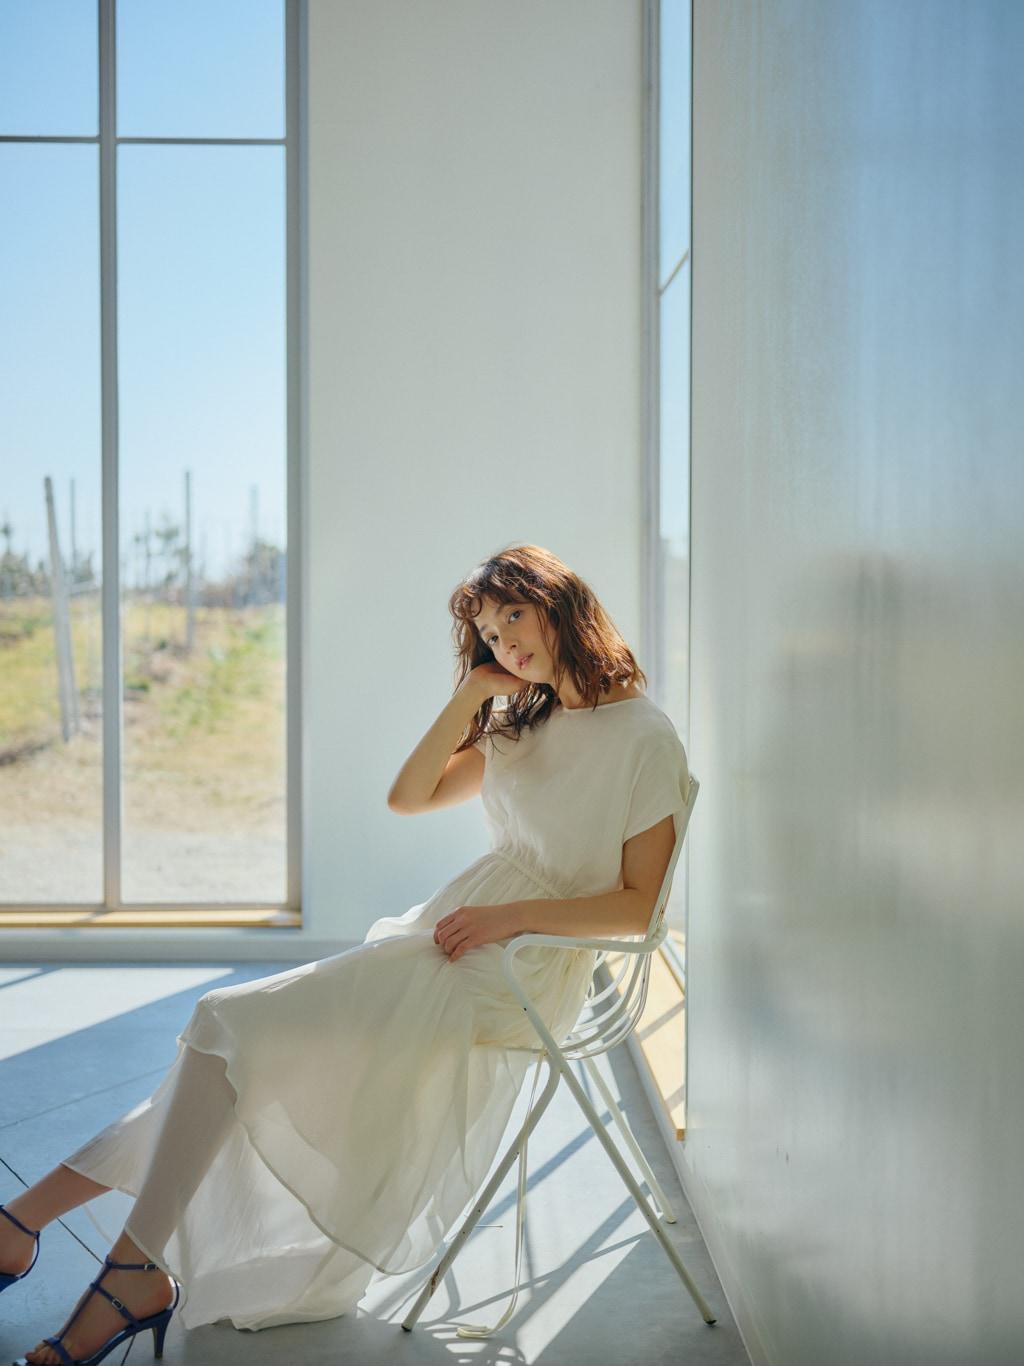 佐々木希の創ったワンマイルウェア intimite 2020 Early Summer Collection